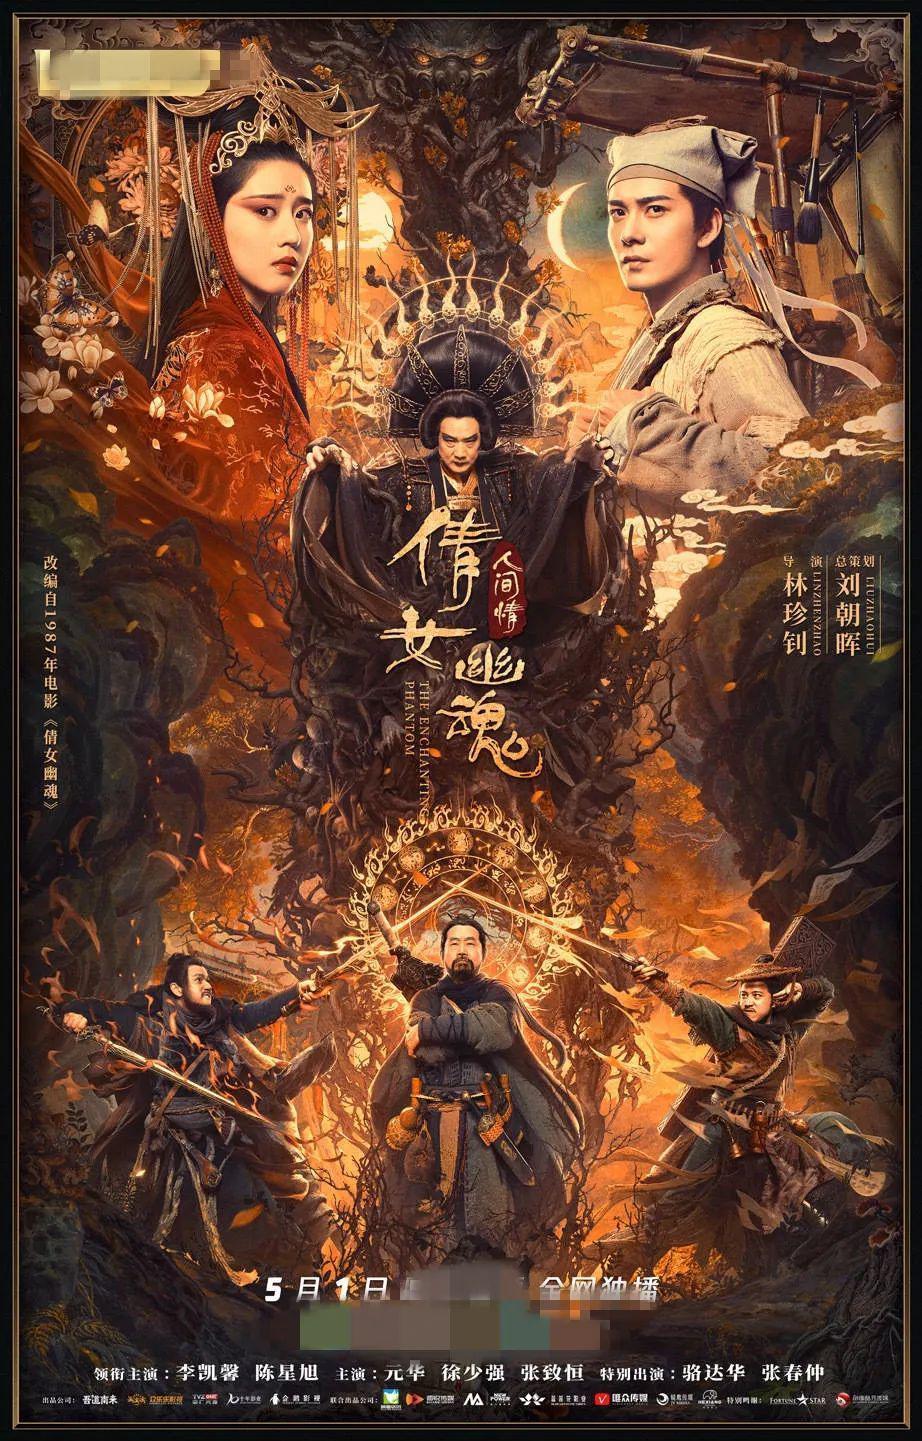 网络电影《倩女幽魂:阳世情》海报